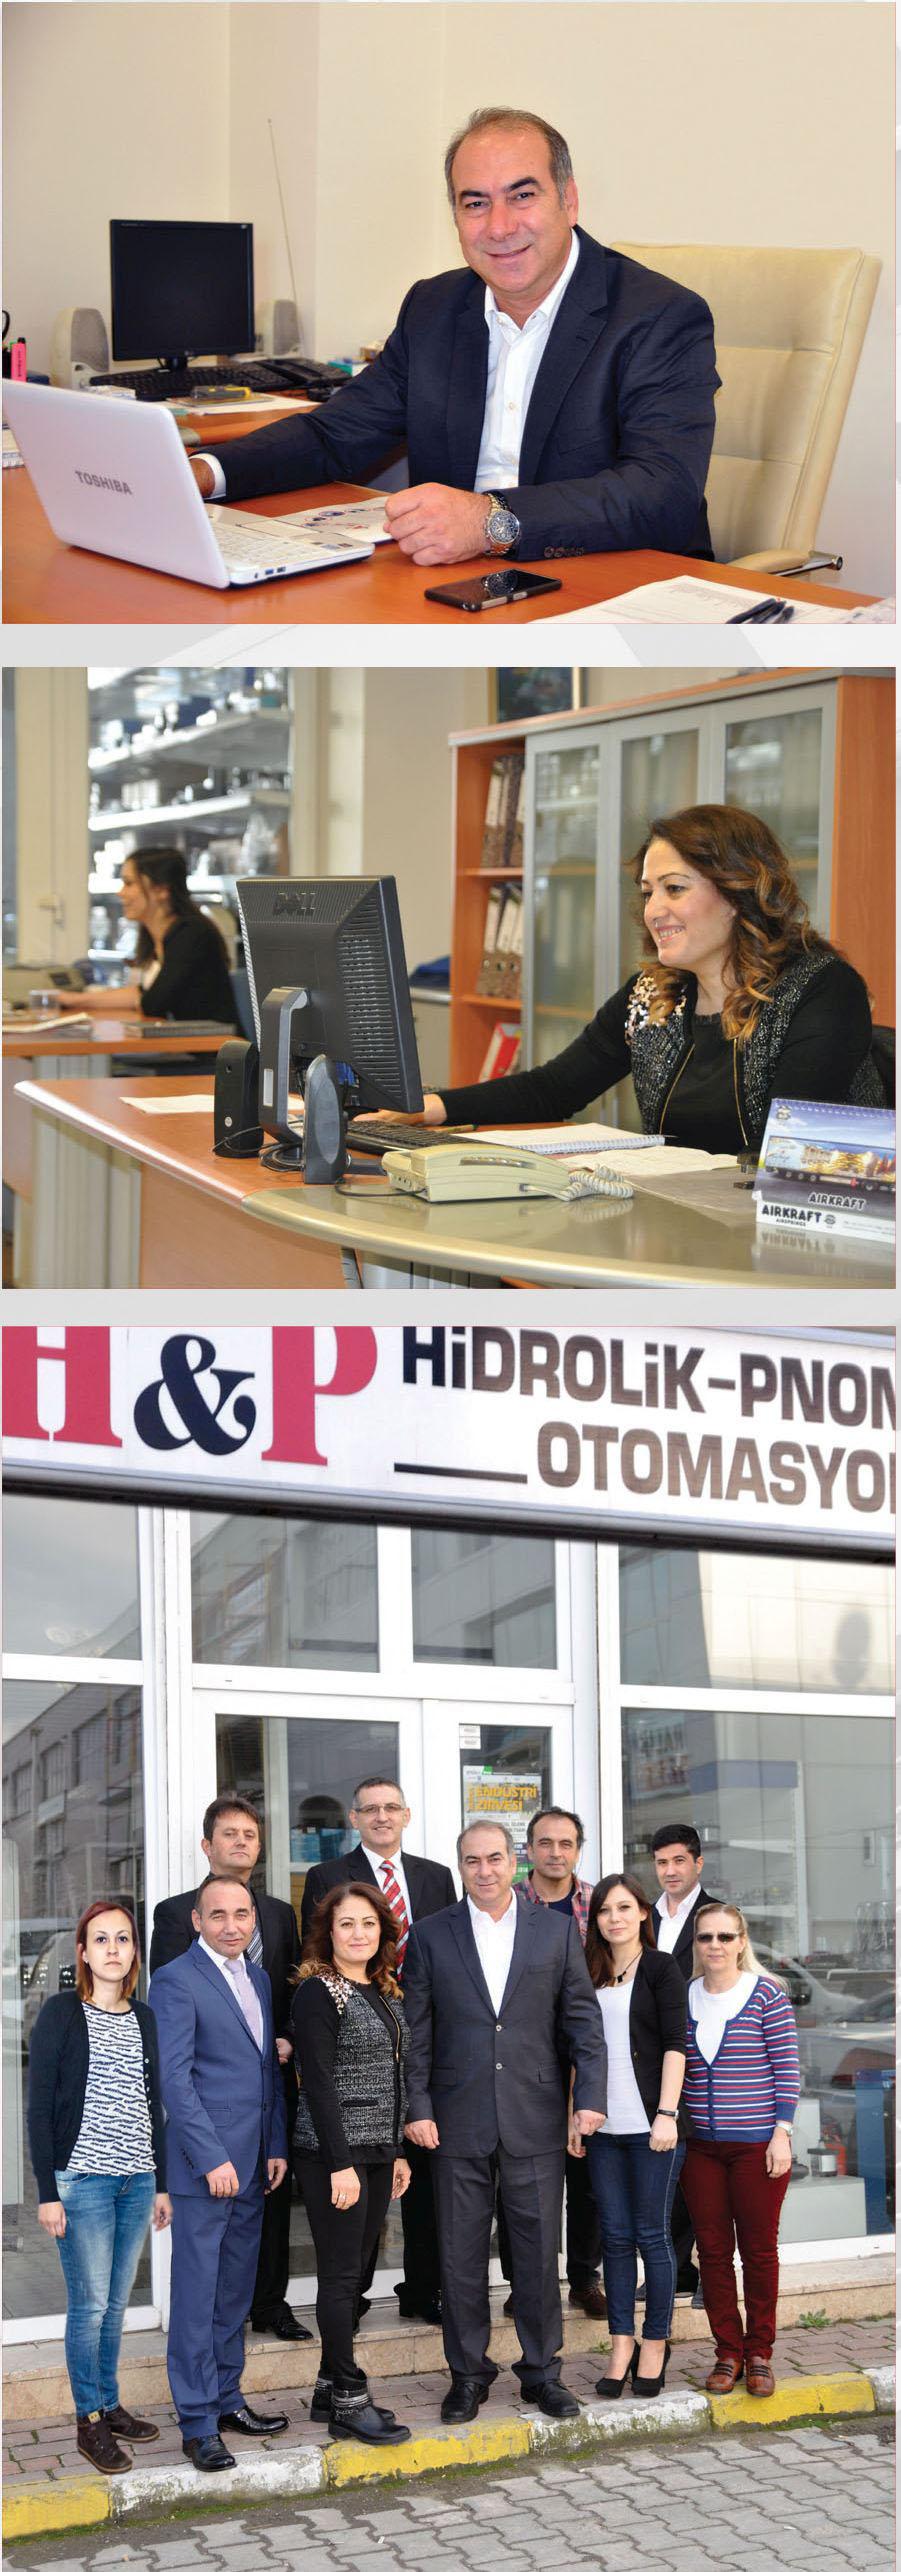 hpkatalog